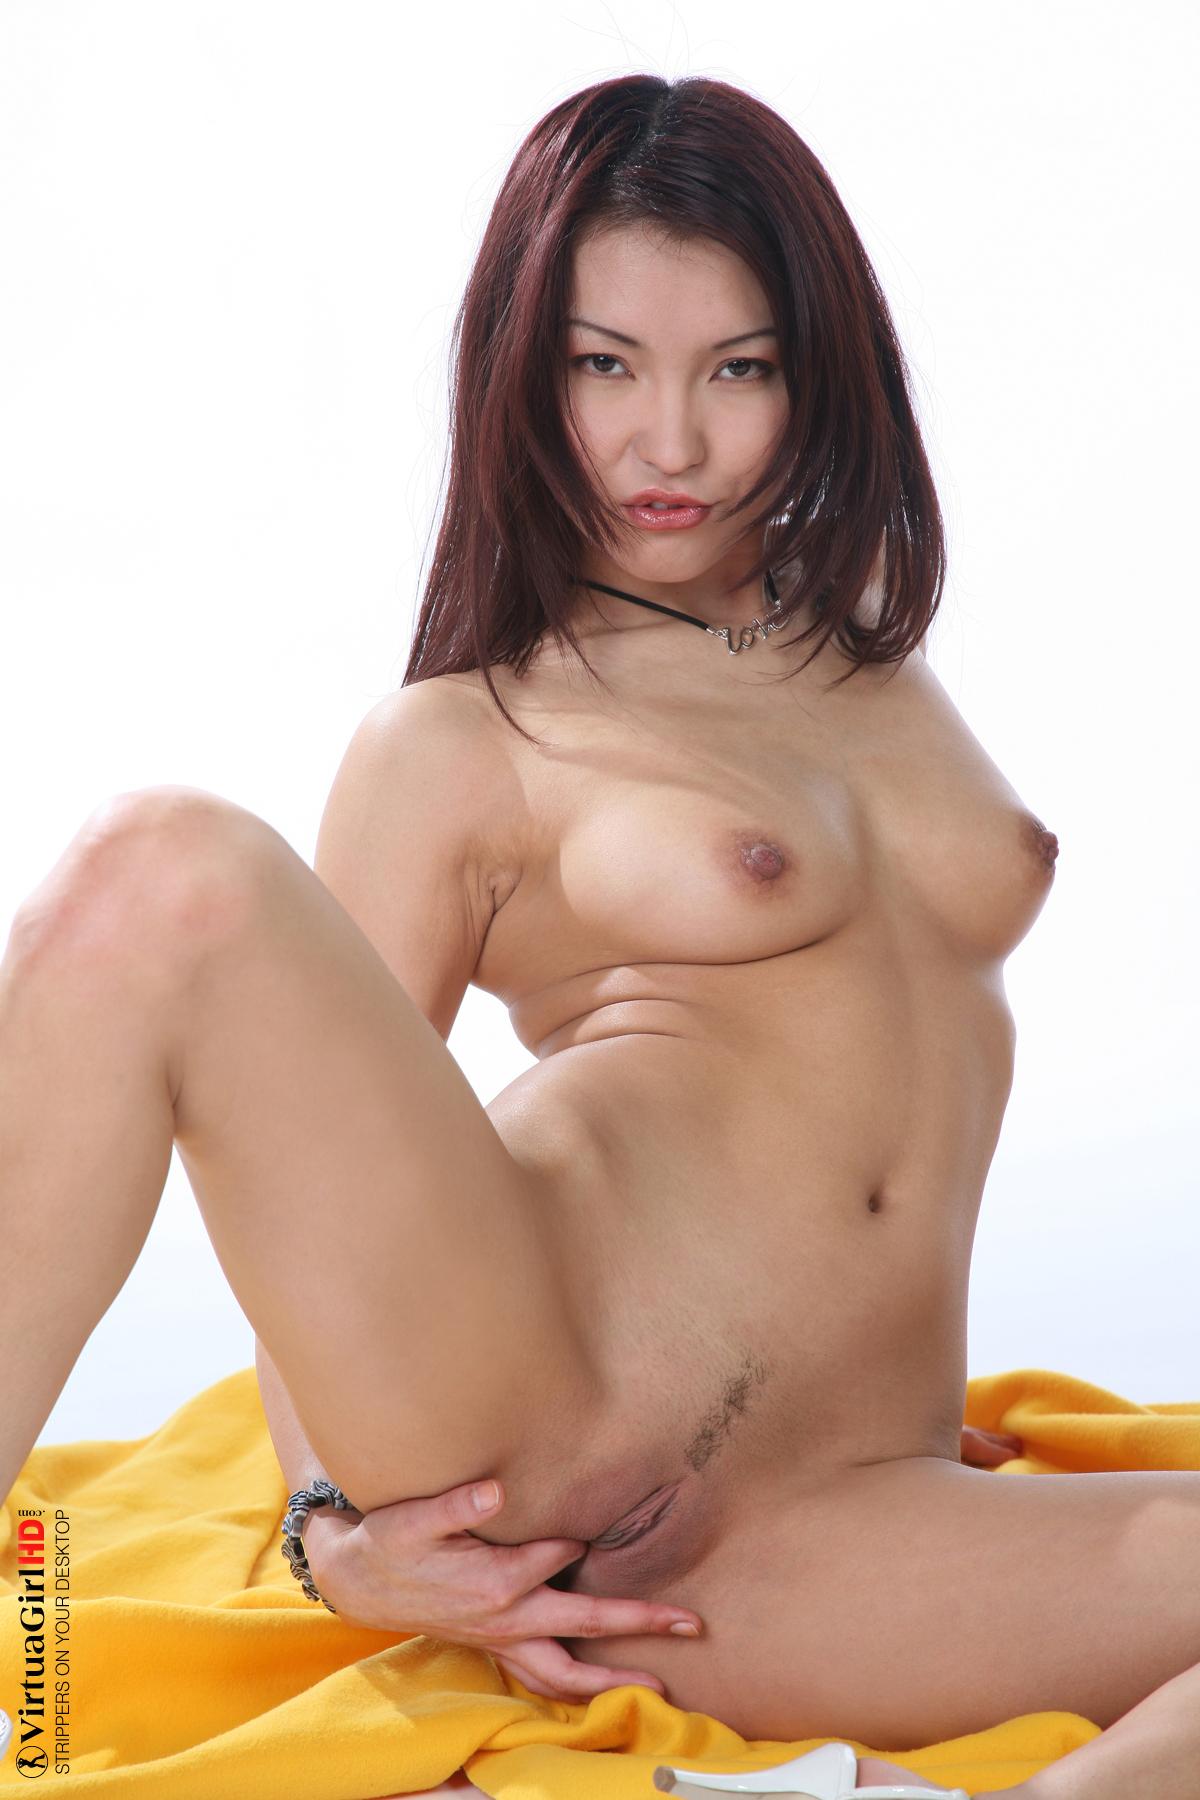 Hong kong models porn thought